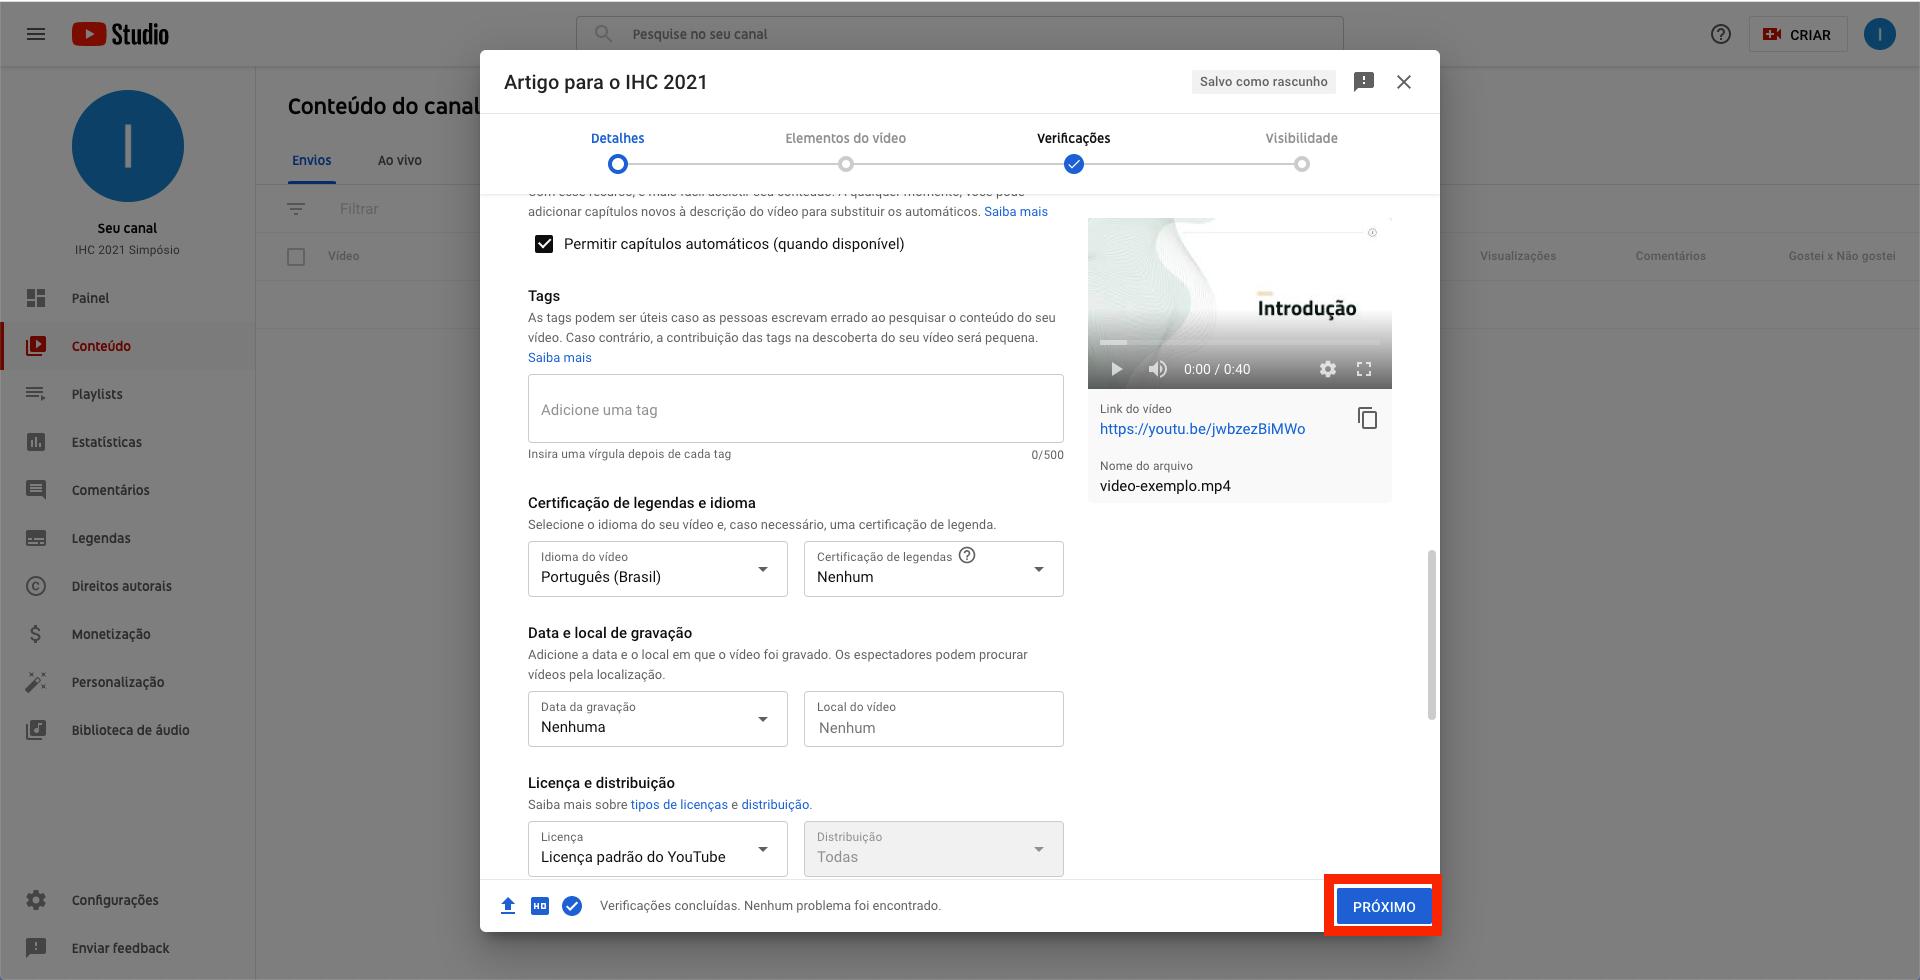 Captura de tela do YouTube. Janela modal contendo campos de formulário que permite a inserção de detalhes do vídeo, com botão 'Próximo' destacado com uma borda vermelha